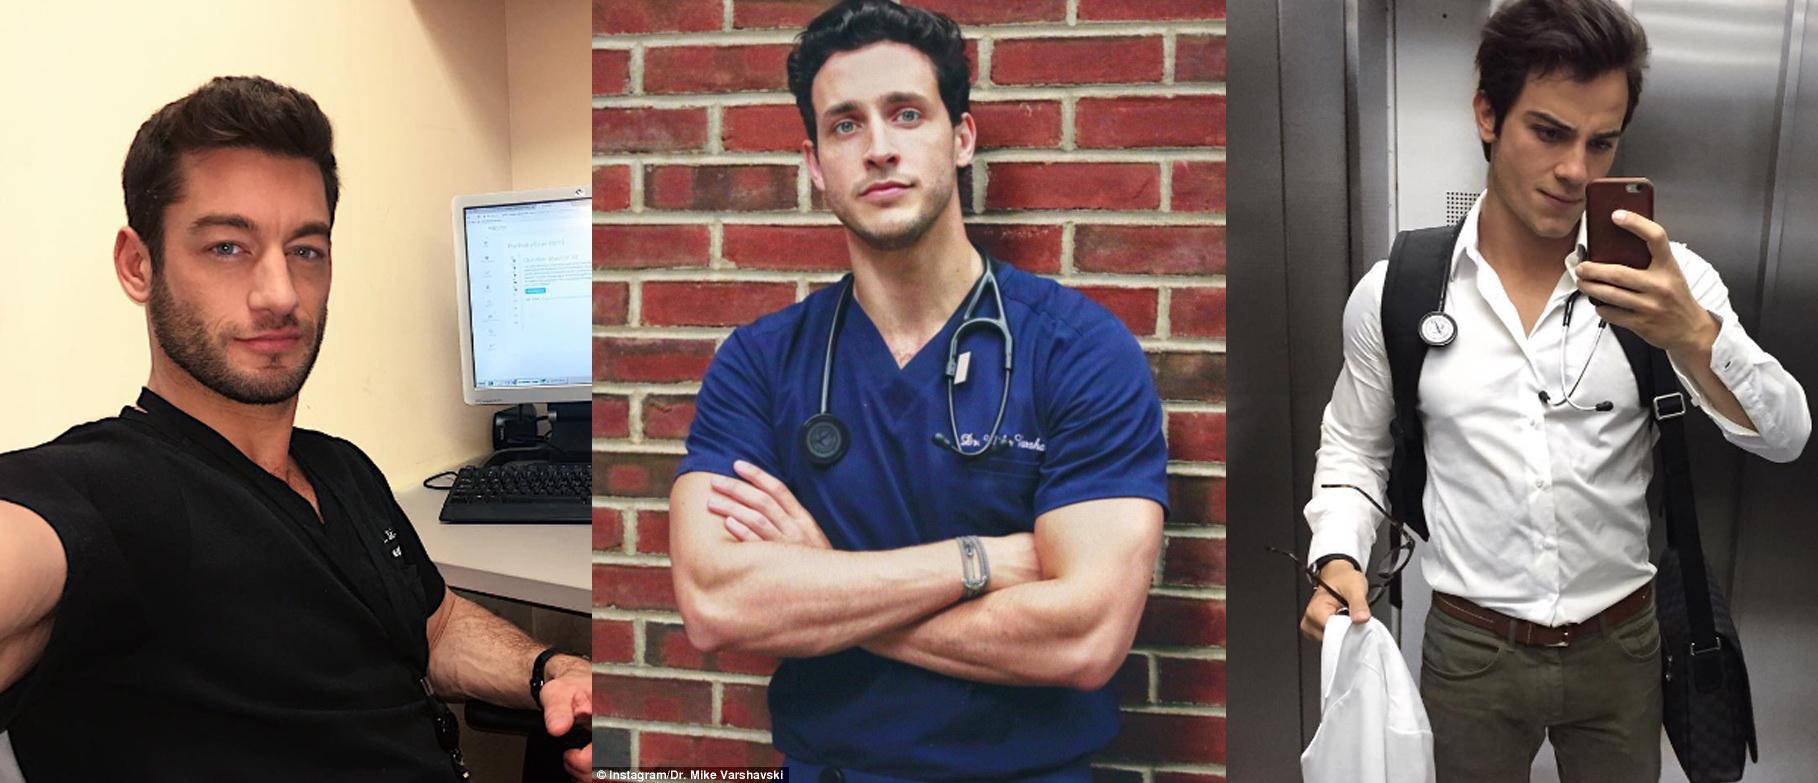 medicos mas guapos y sexis